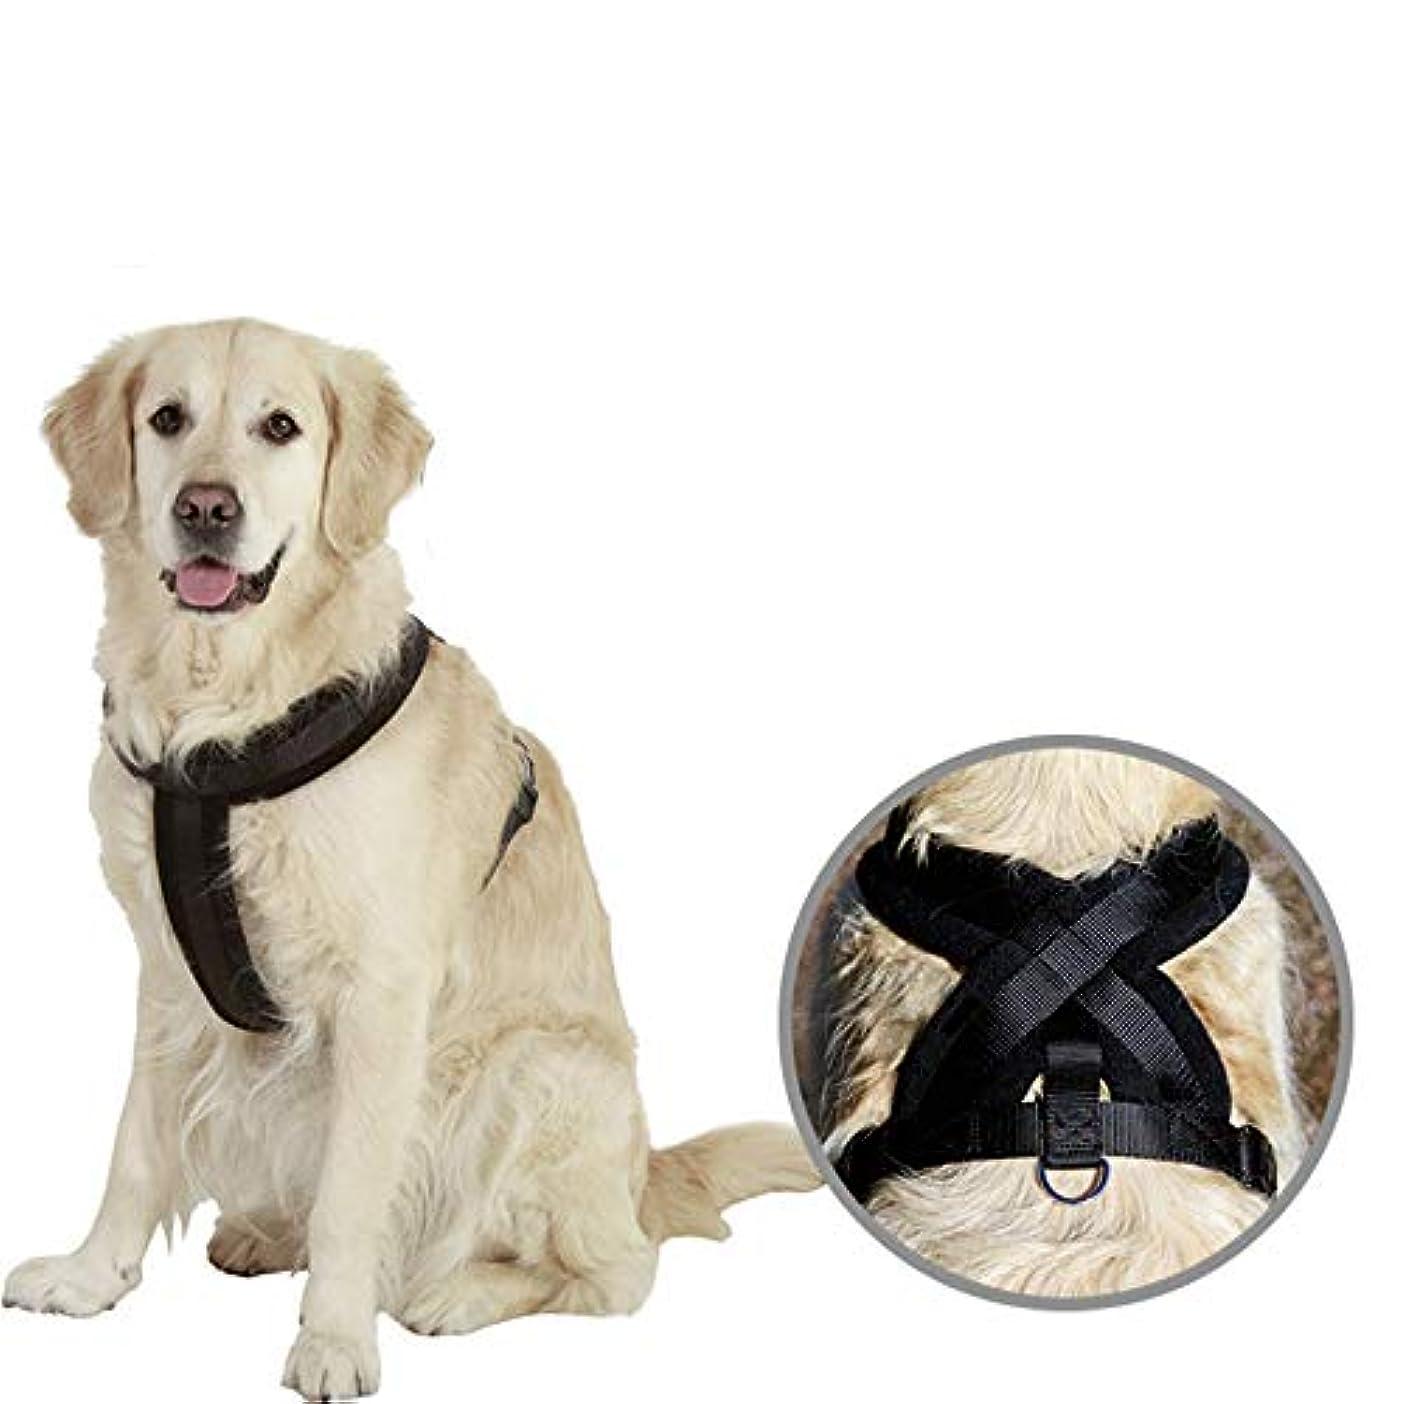 アトミックテレックス生物学犬用ハーネス調節可能ベストハーネス屋外アドベンチャートレーニングウォーキングコンフォートコントロール(牽引ロープなし),M